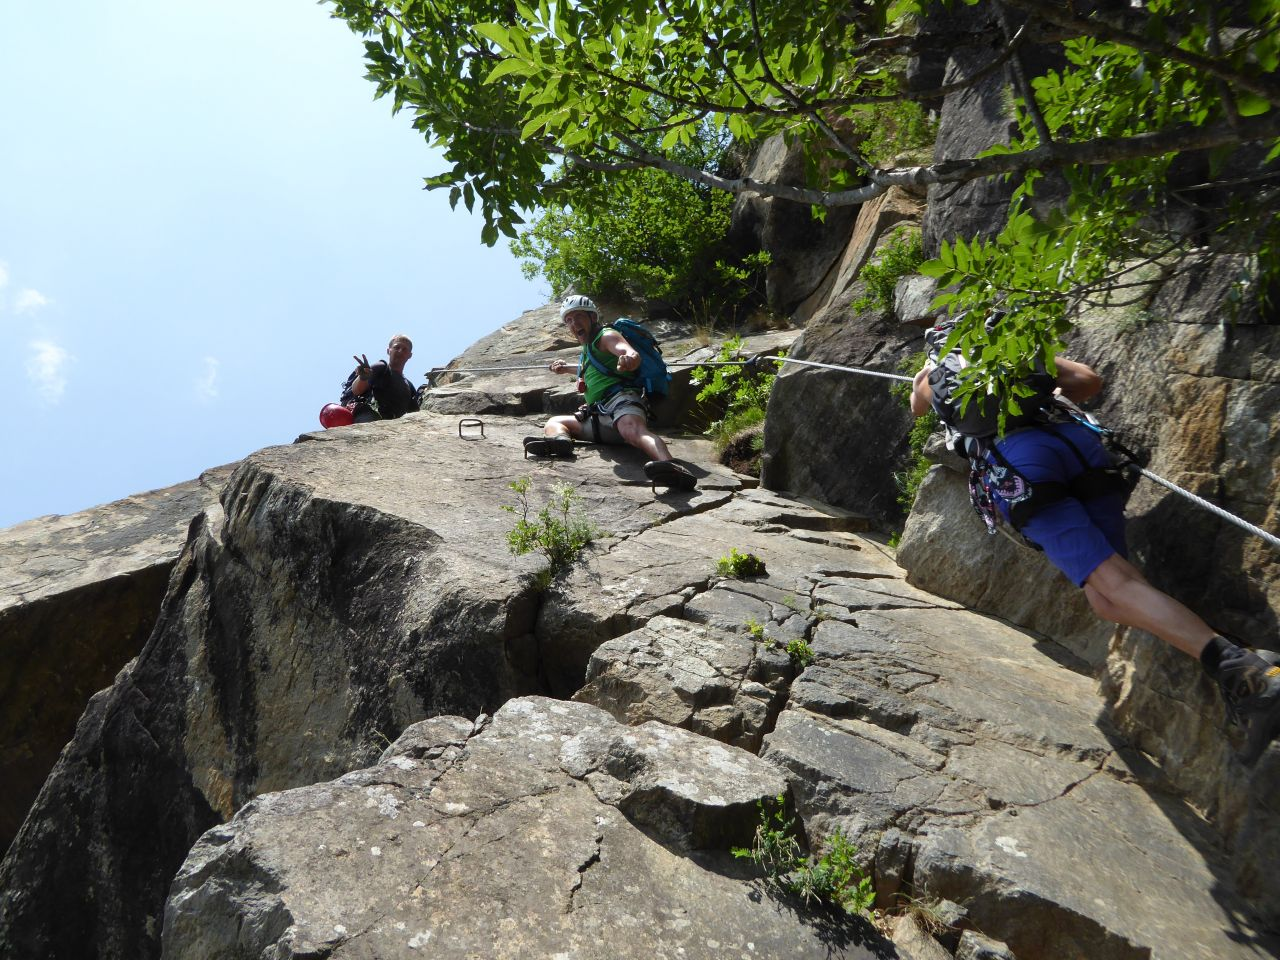 Klettersteig Naturns : Hoachwool klettersteig in naturns 13.6.2015 alpenverein